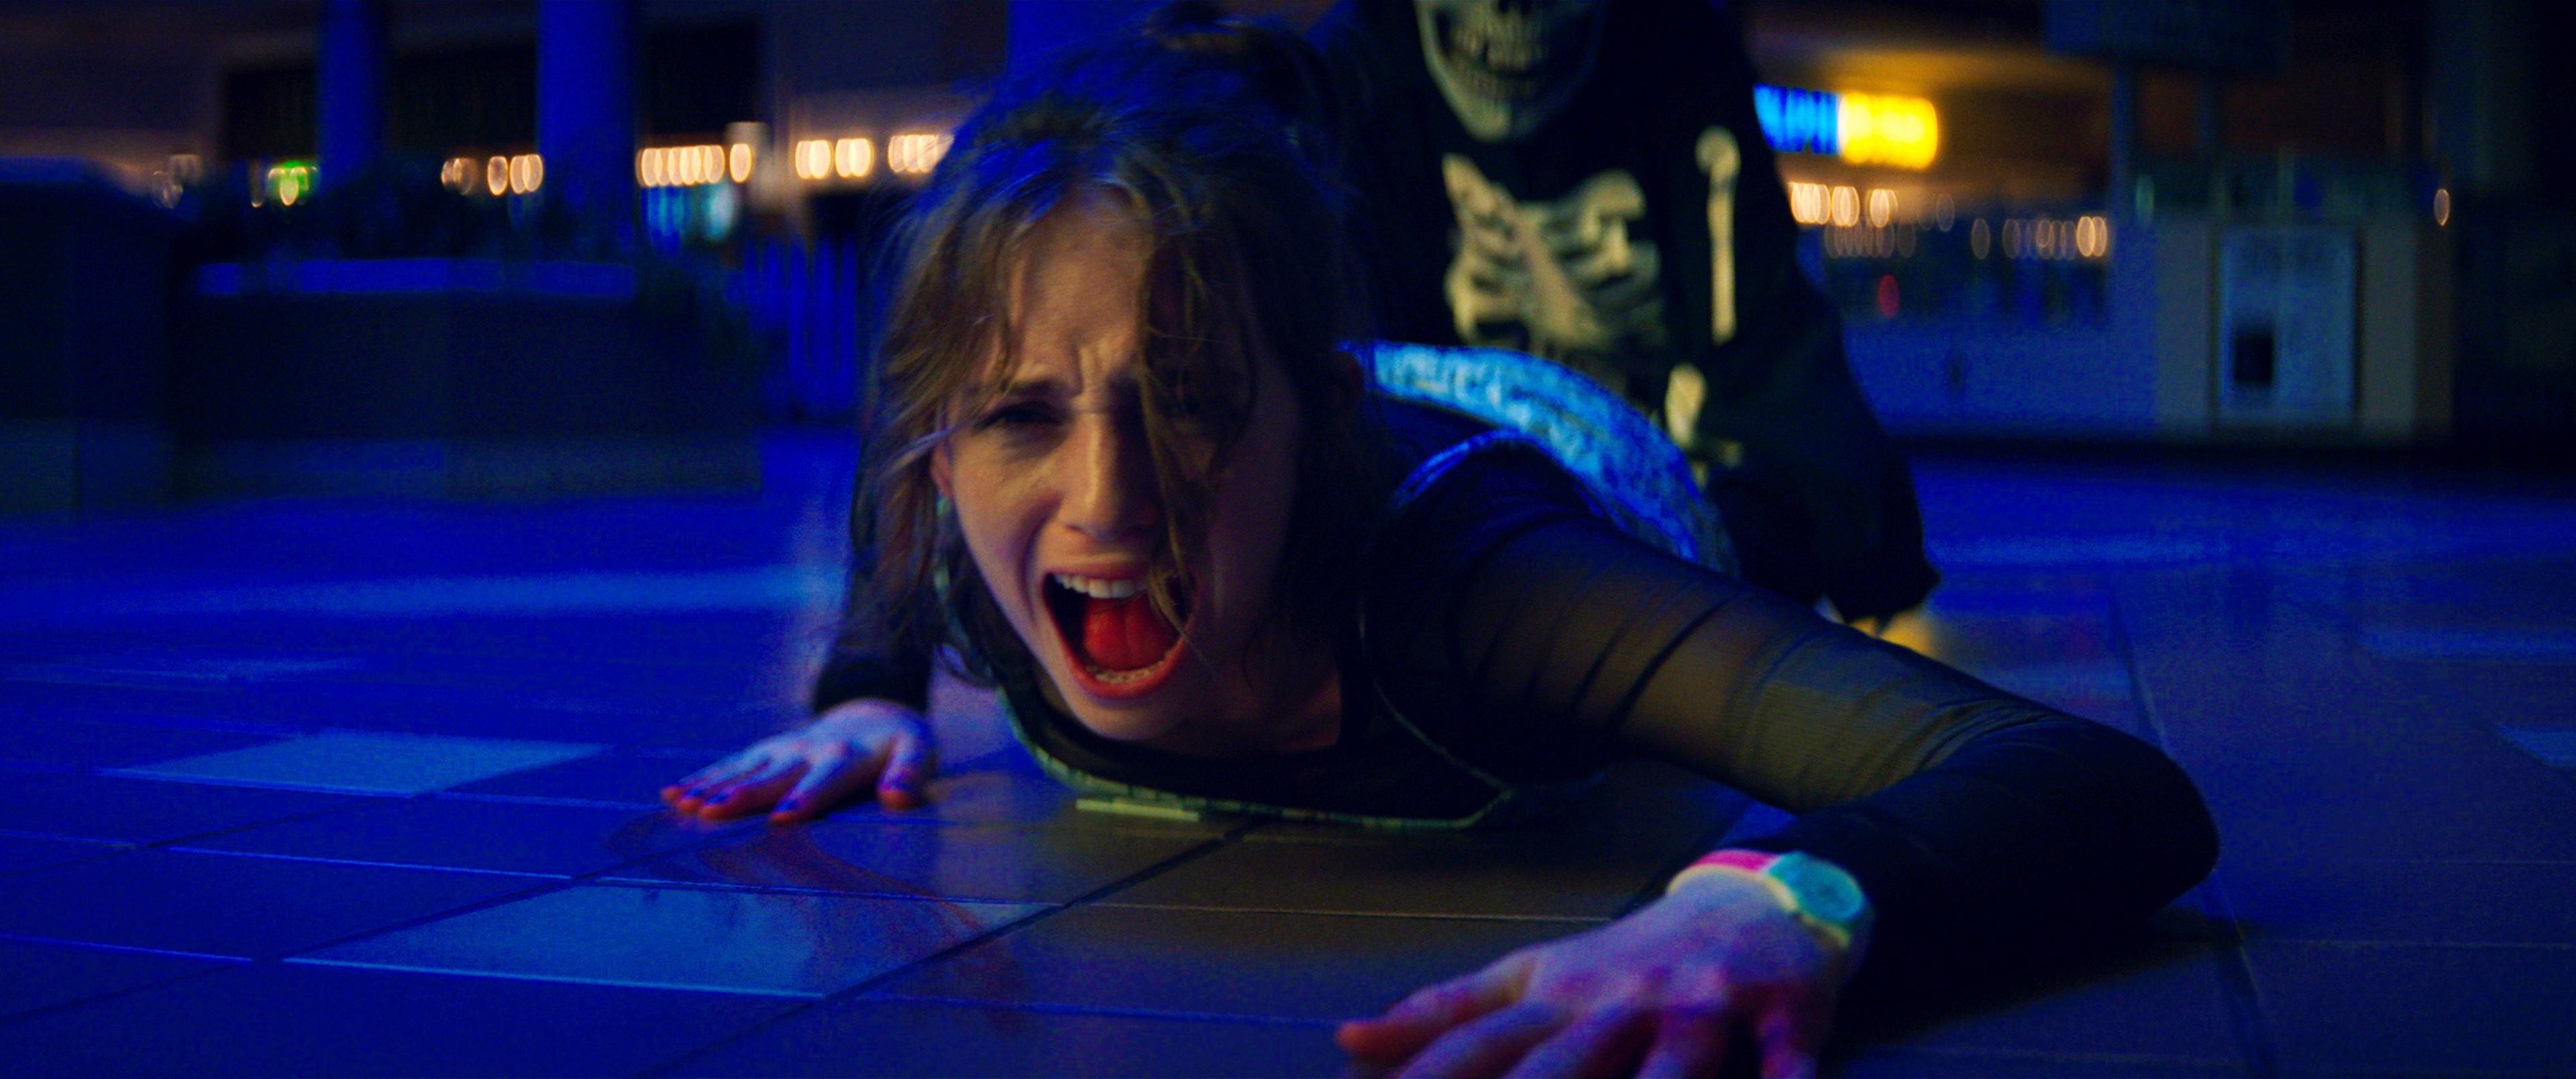 Maya Hawke como Heather em imagem promocional de Rua do Medo, ela está gritando enquanto alguém a arrasta pelo chão